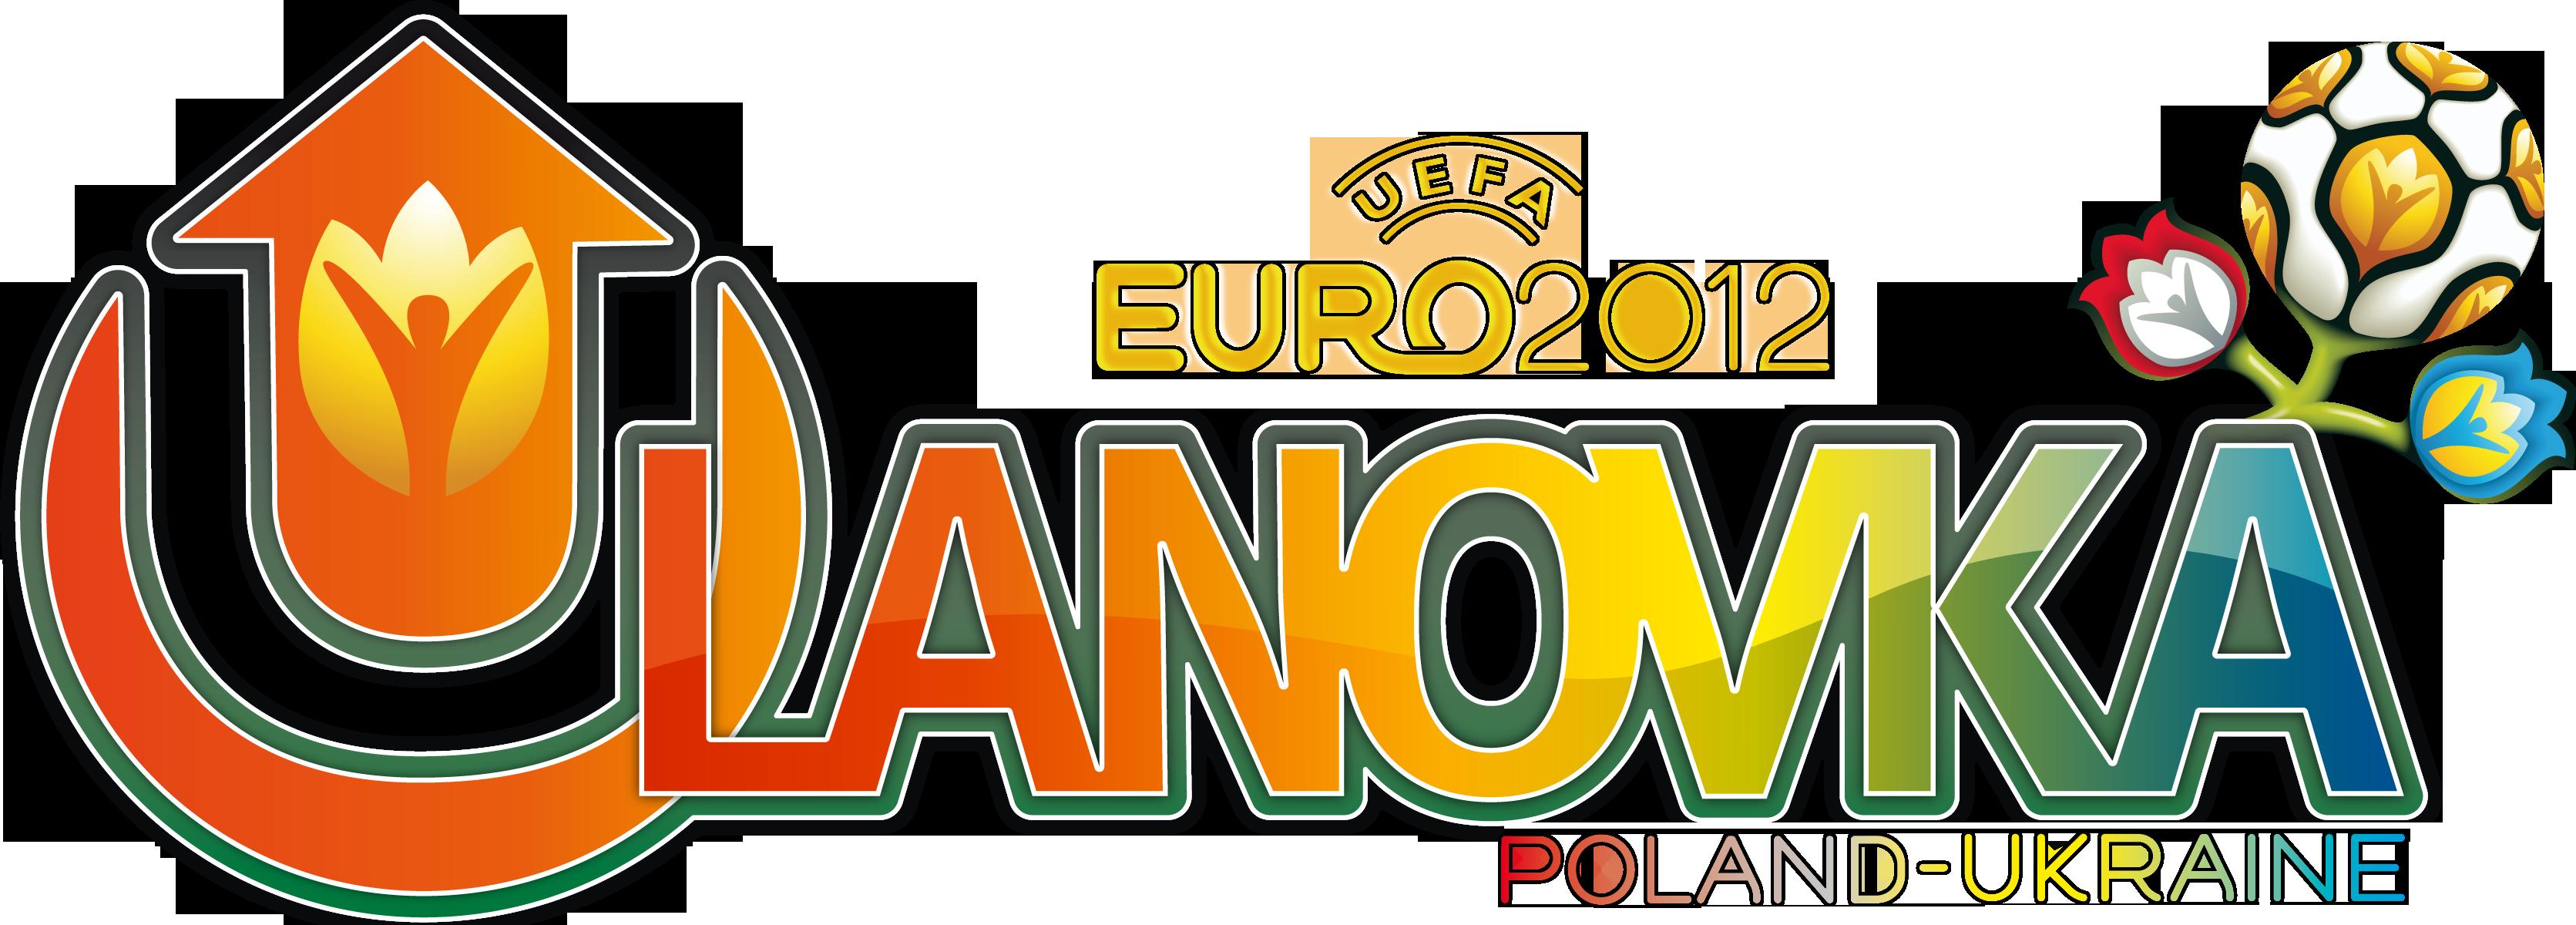 logo_ulanovka_euro2012_full.png